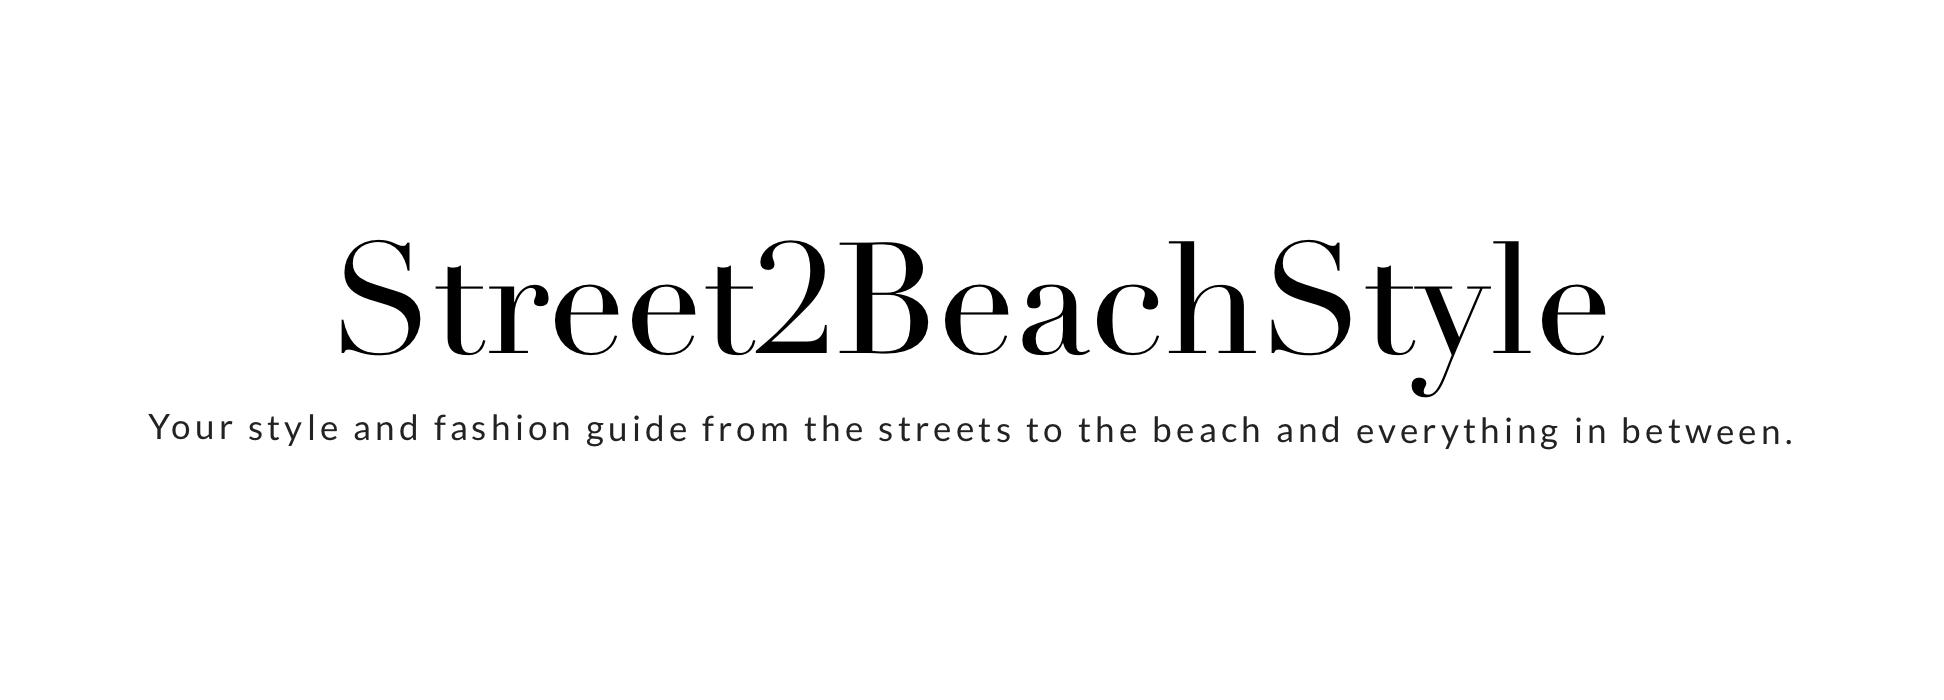 Street2BeachStyle